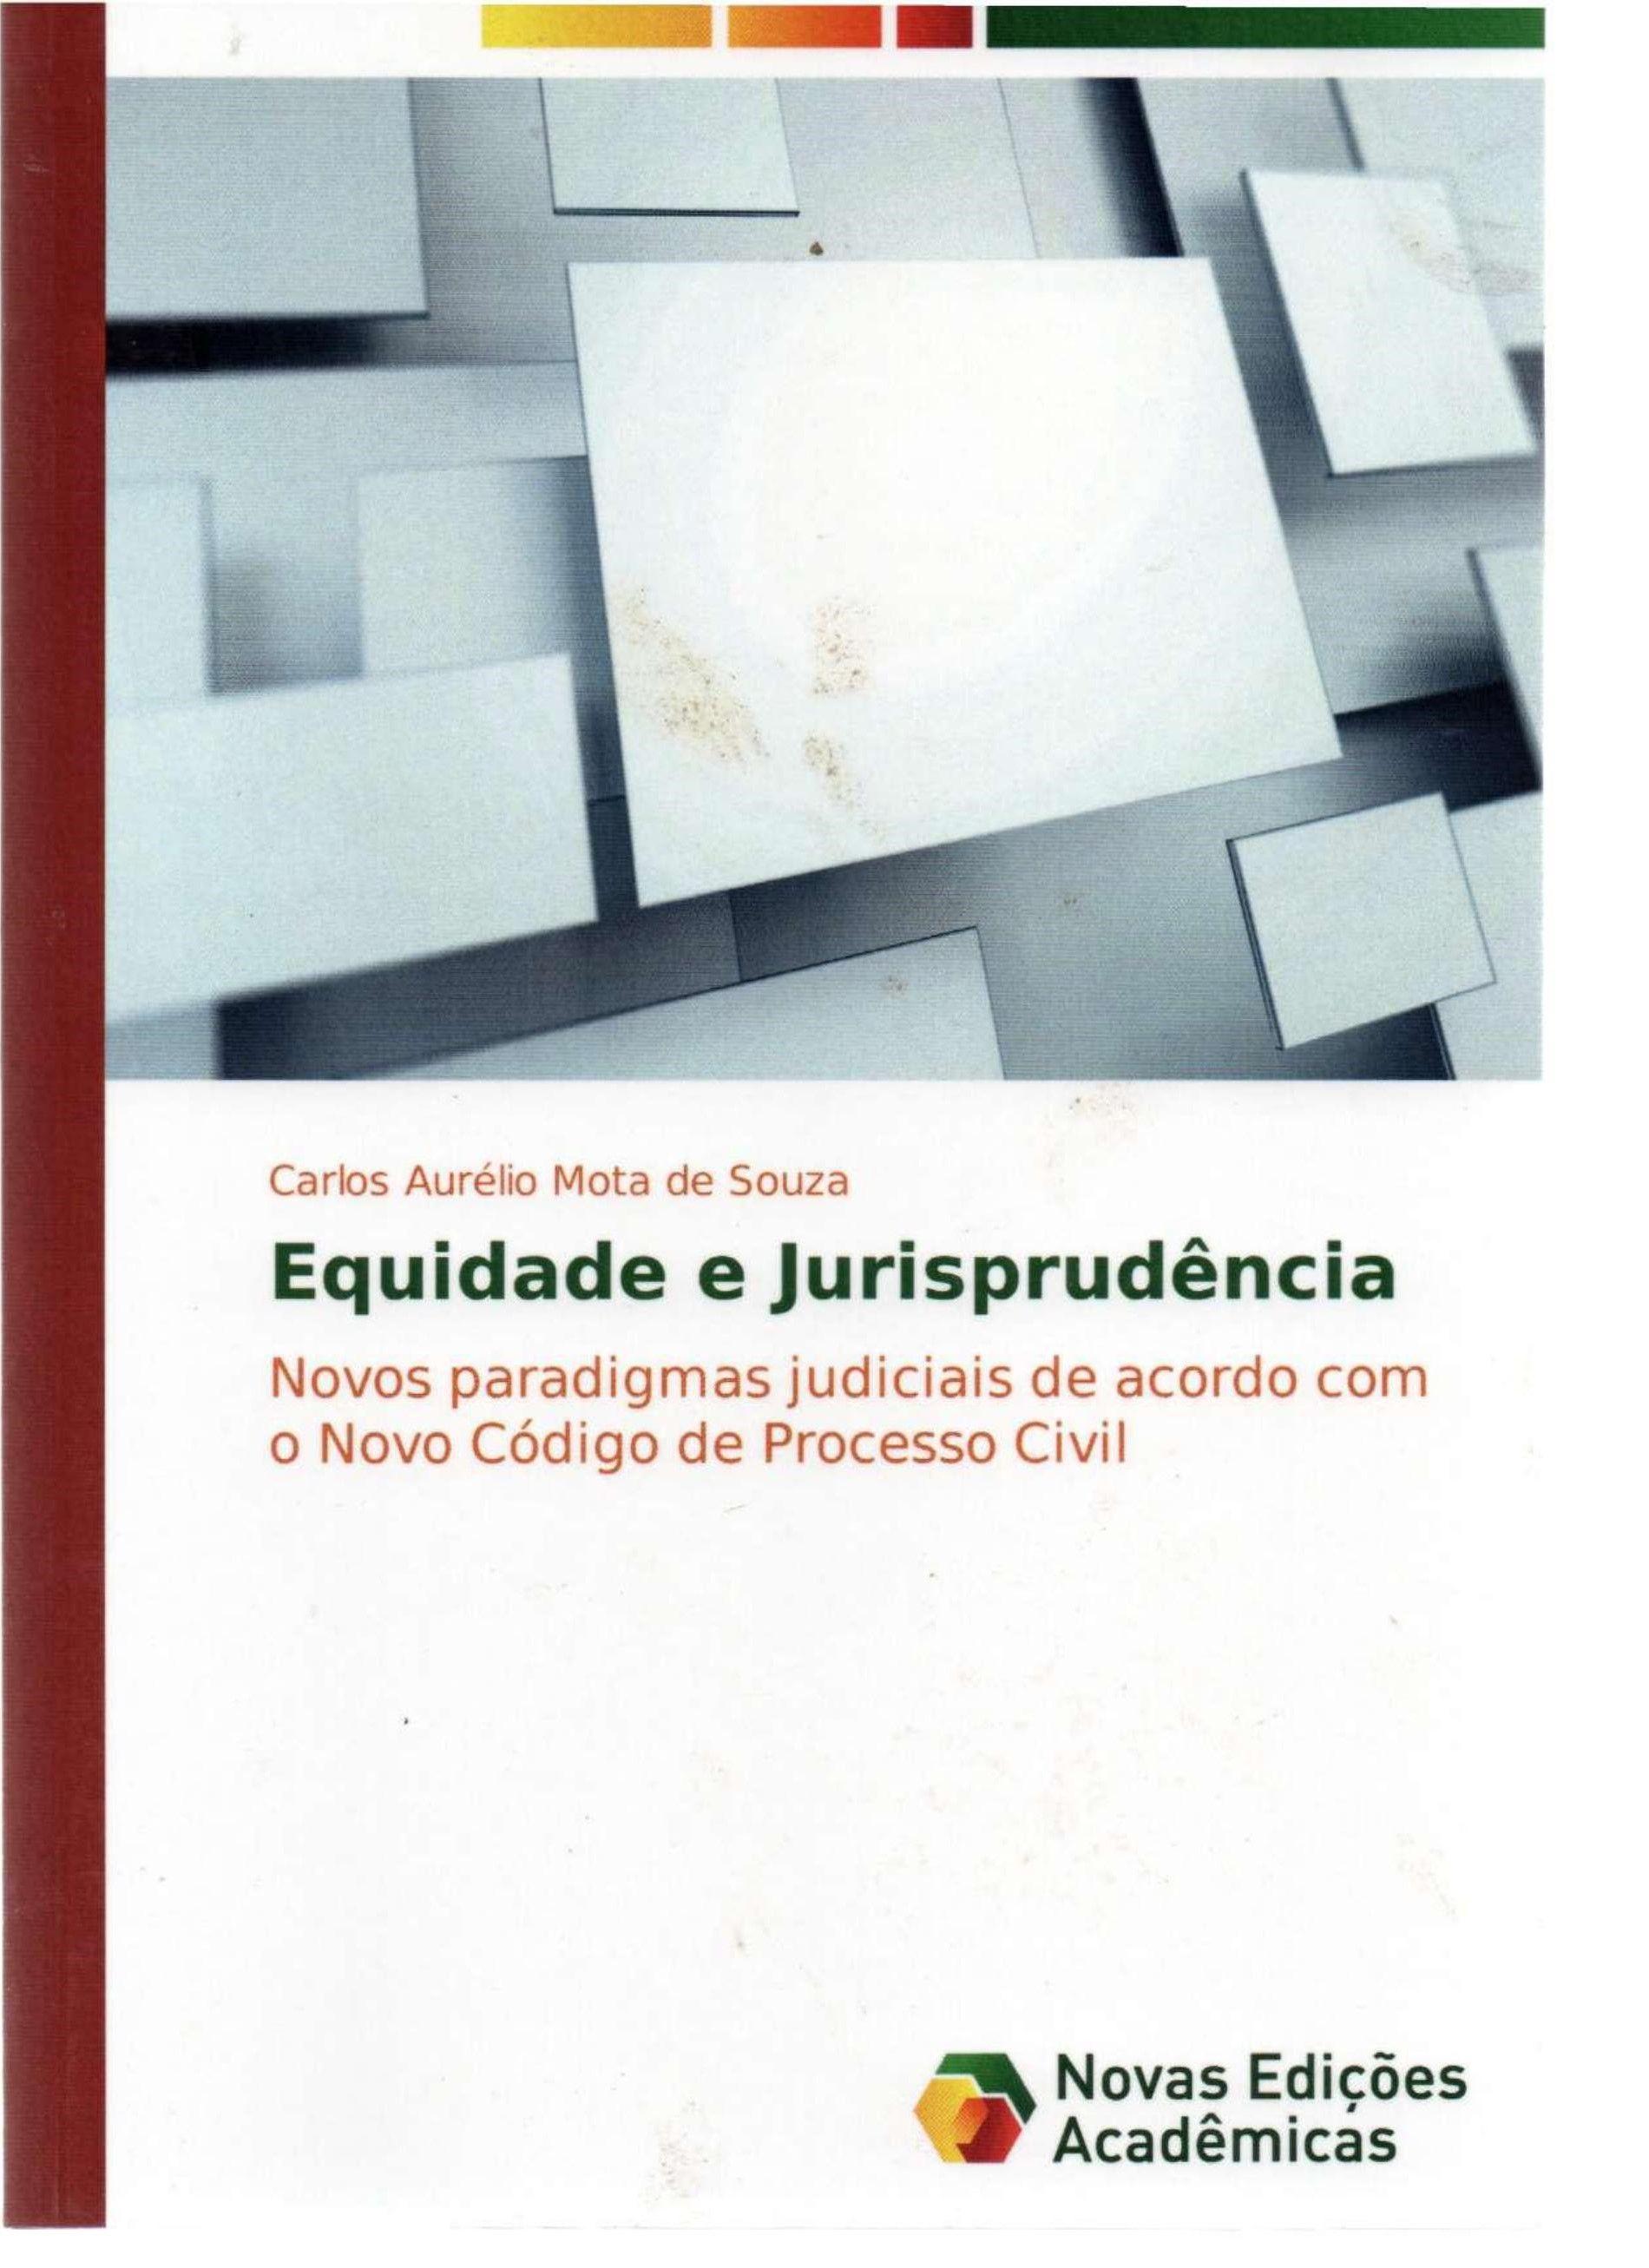 Equidade e Jurisprudência: Novos paradigmas judiciais de acordo com o Novo Código de Processo Civil